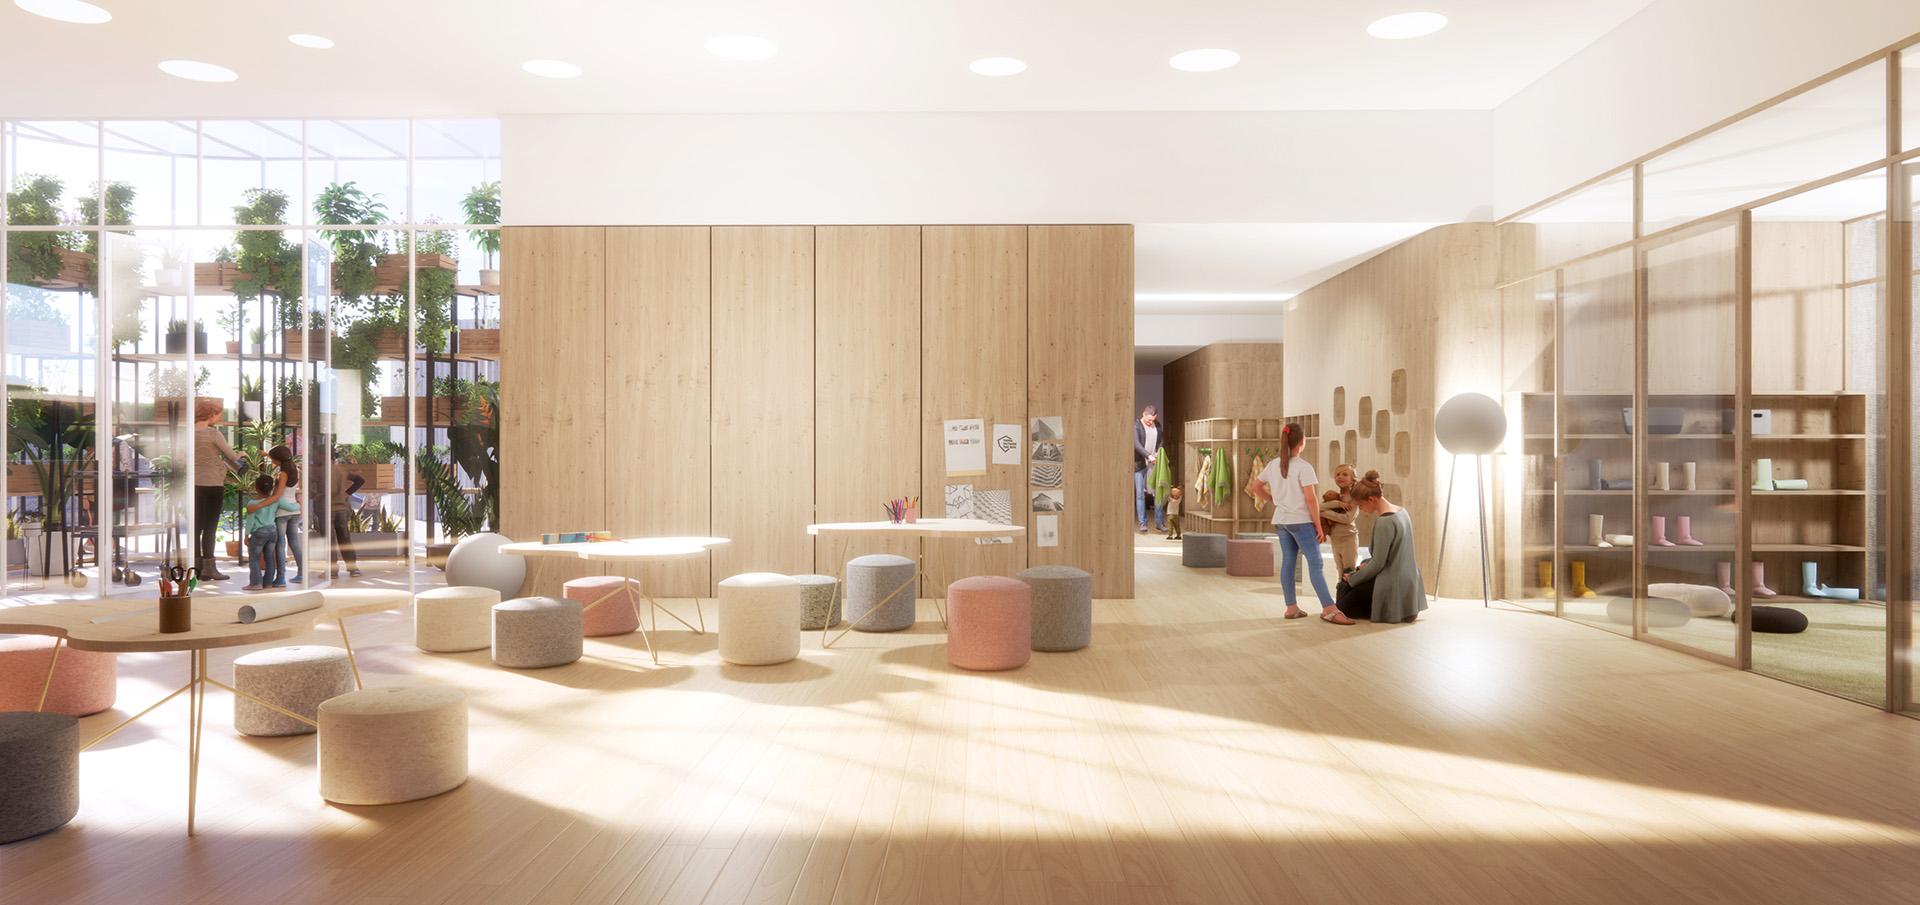 sastudio Tiago Sá architecture iceland winner first prize 1st kindergarten award mention arquitetura